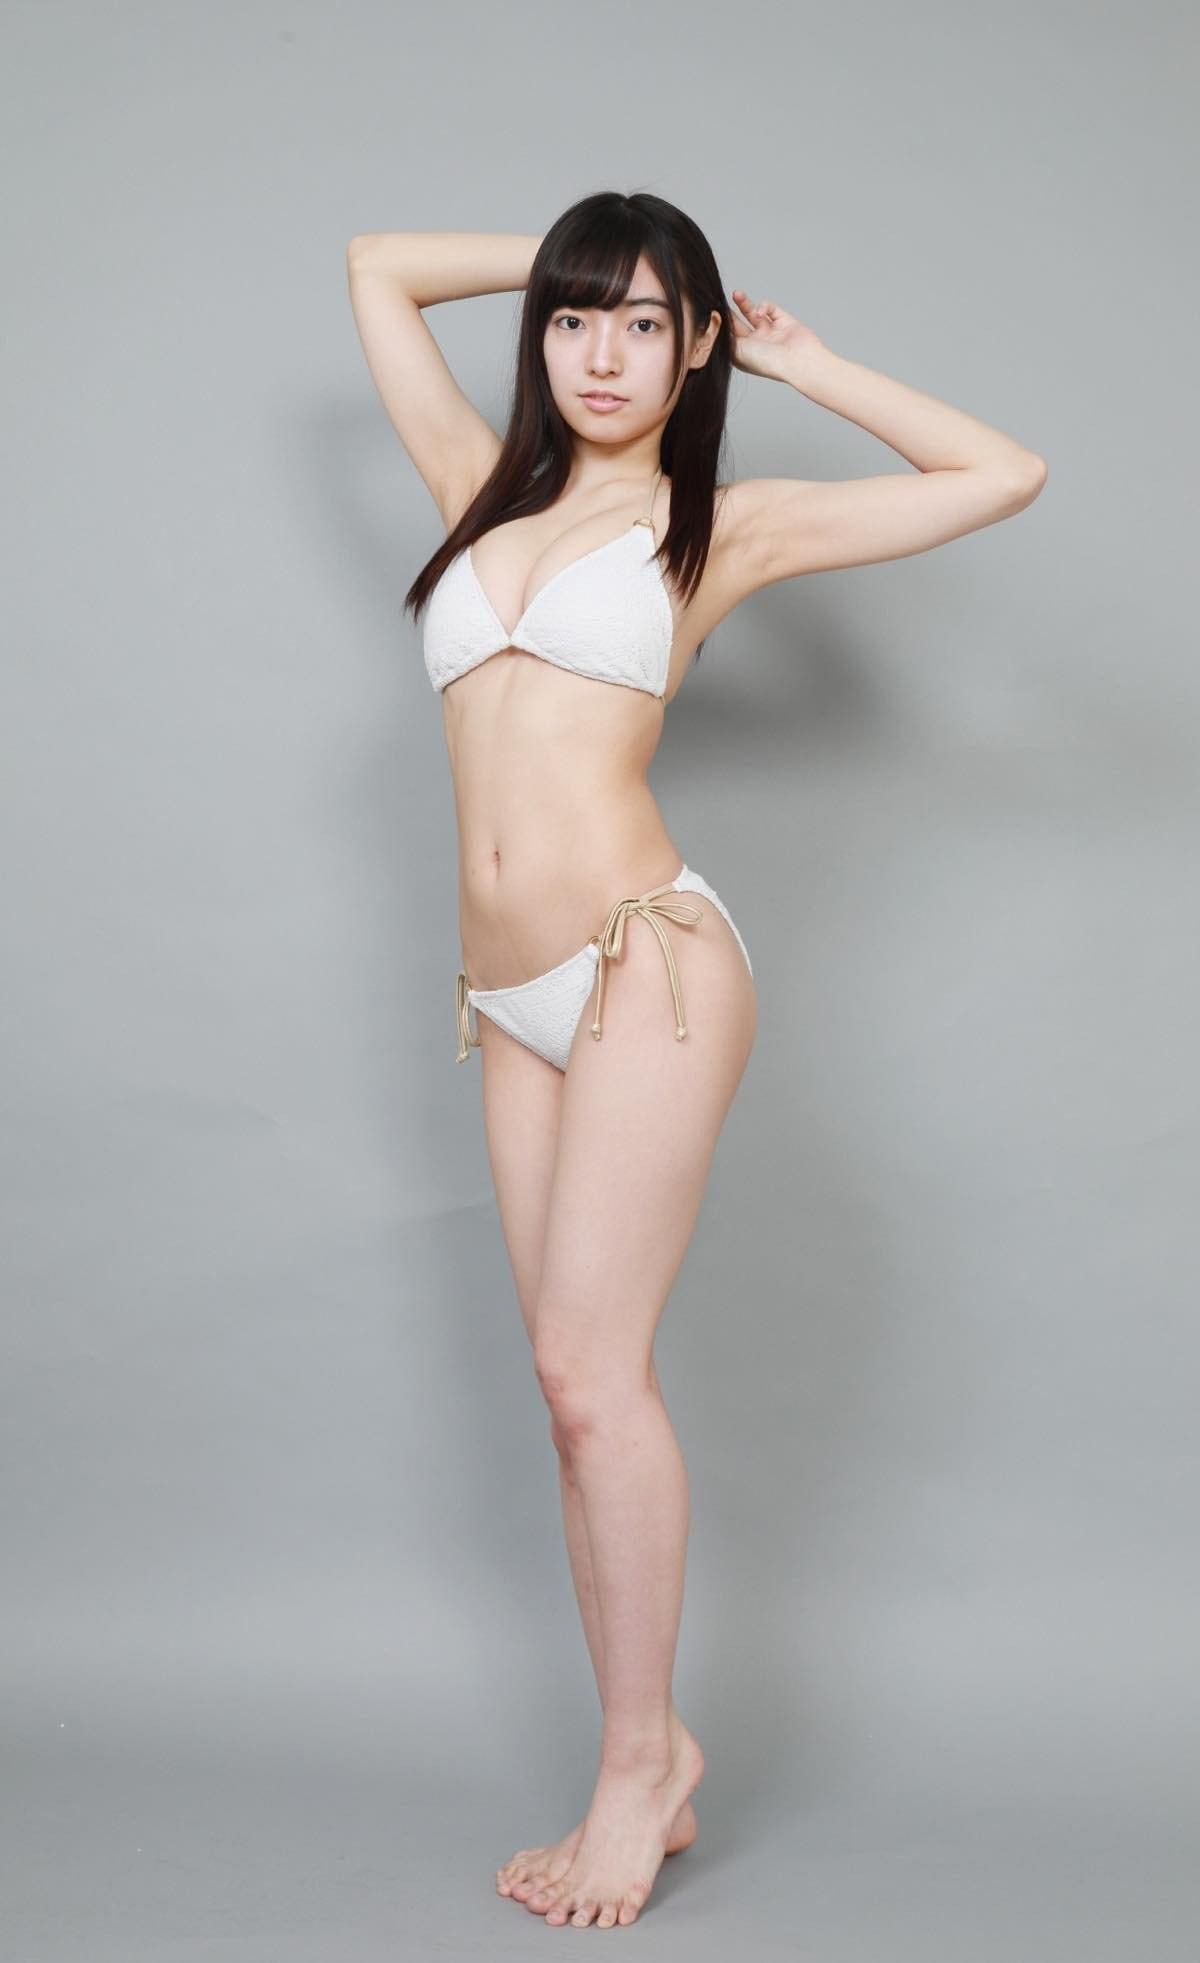 桜田愛音のグラビア水着ビキニ画像0005